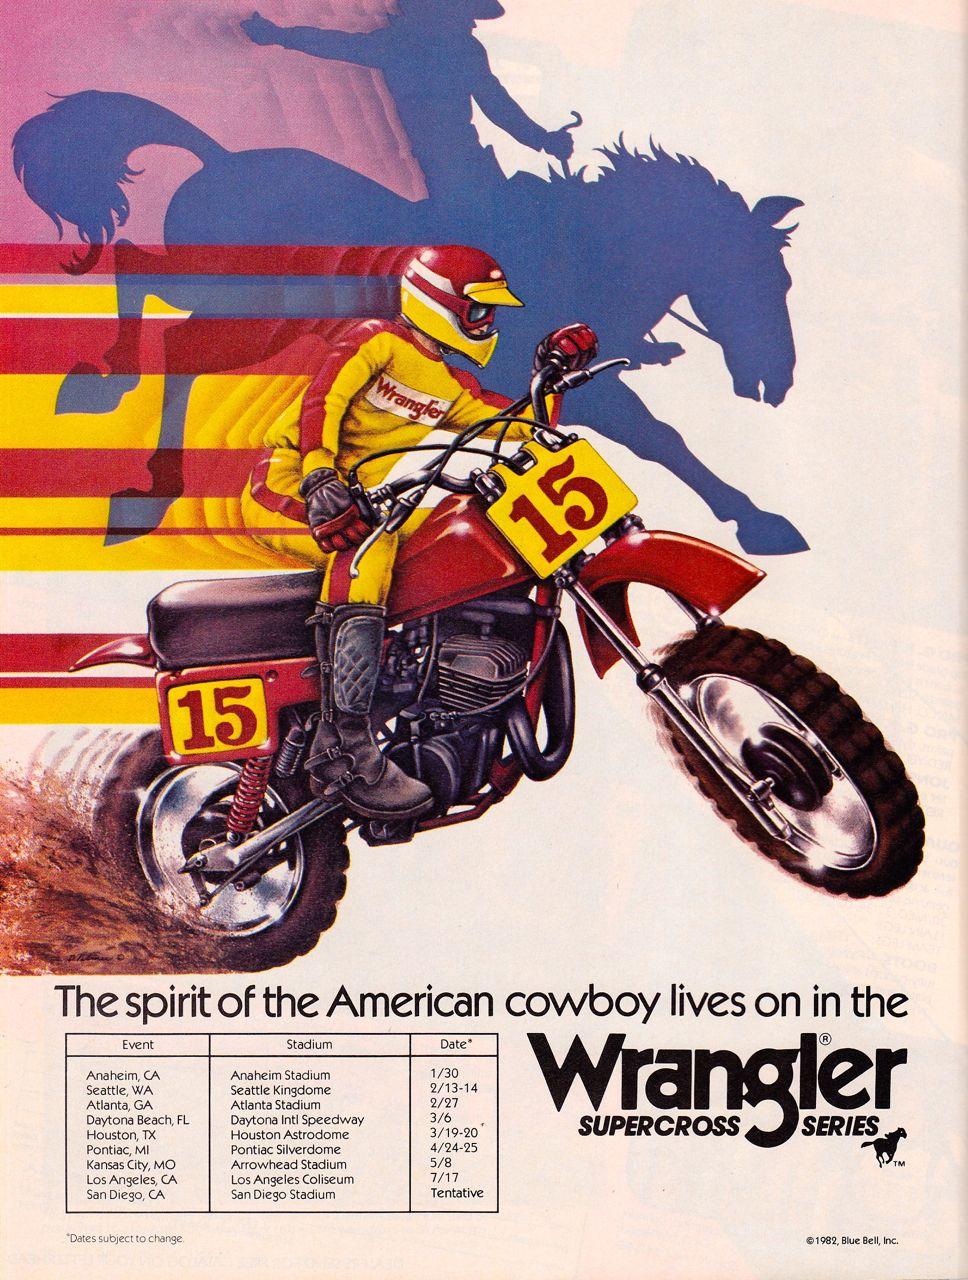 Wrangler Supercross Series